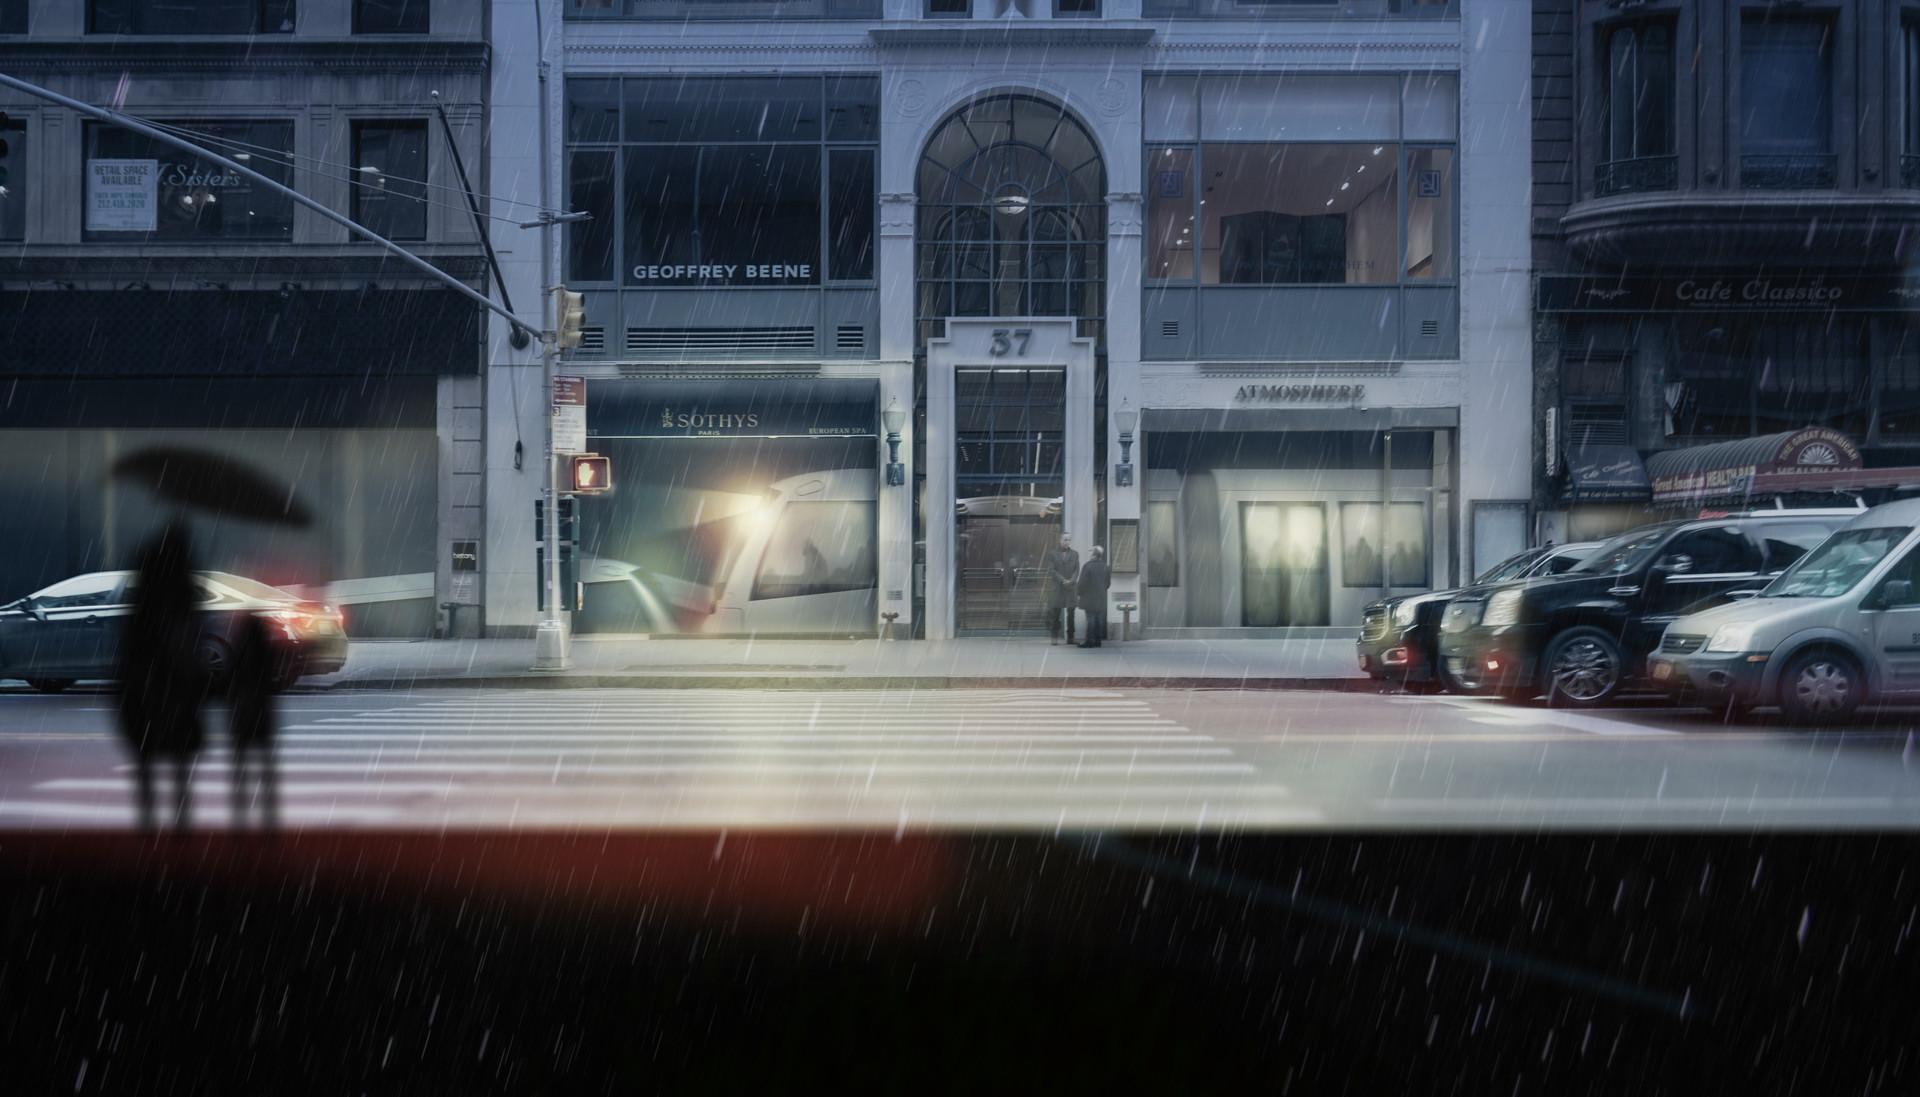 Painting: 5Av Under Rain